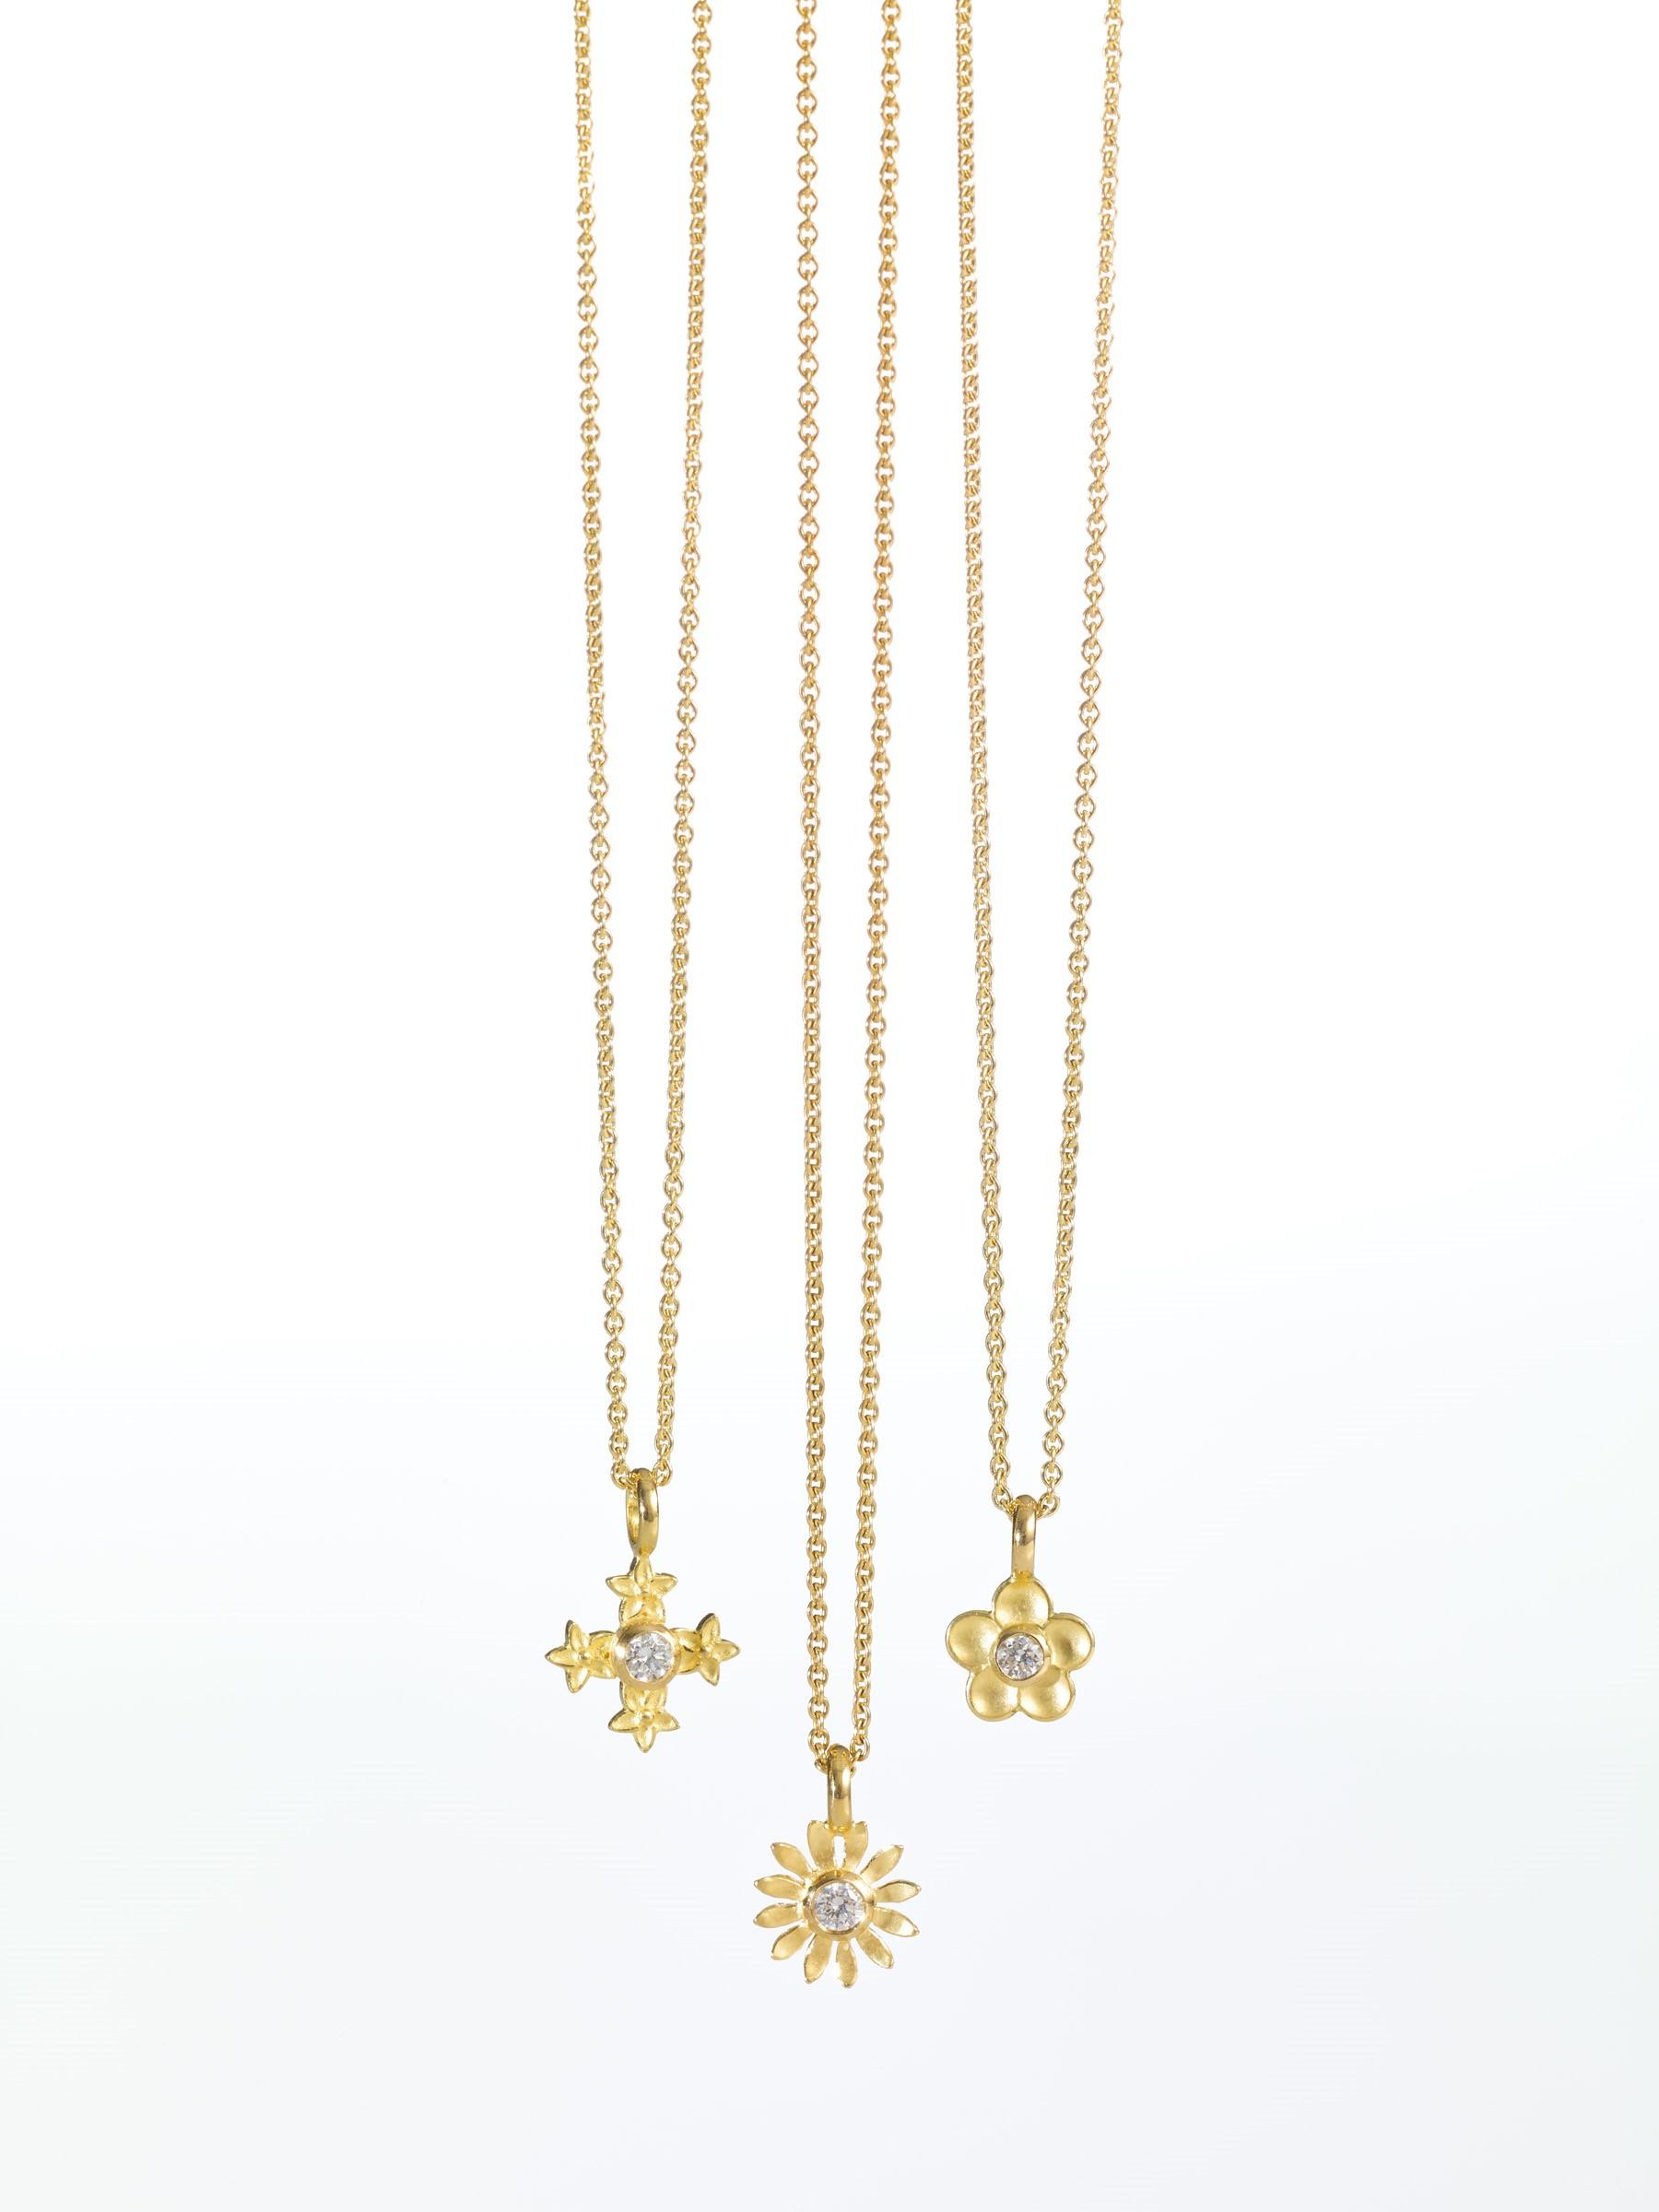 Anhänger-Kreuz-Blume-Gelbgold-Katinka-Neuner